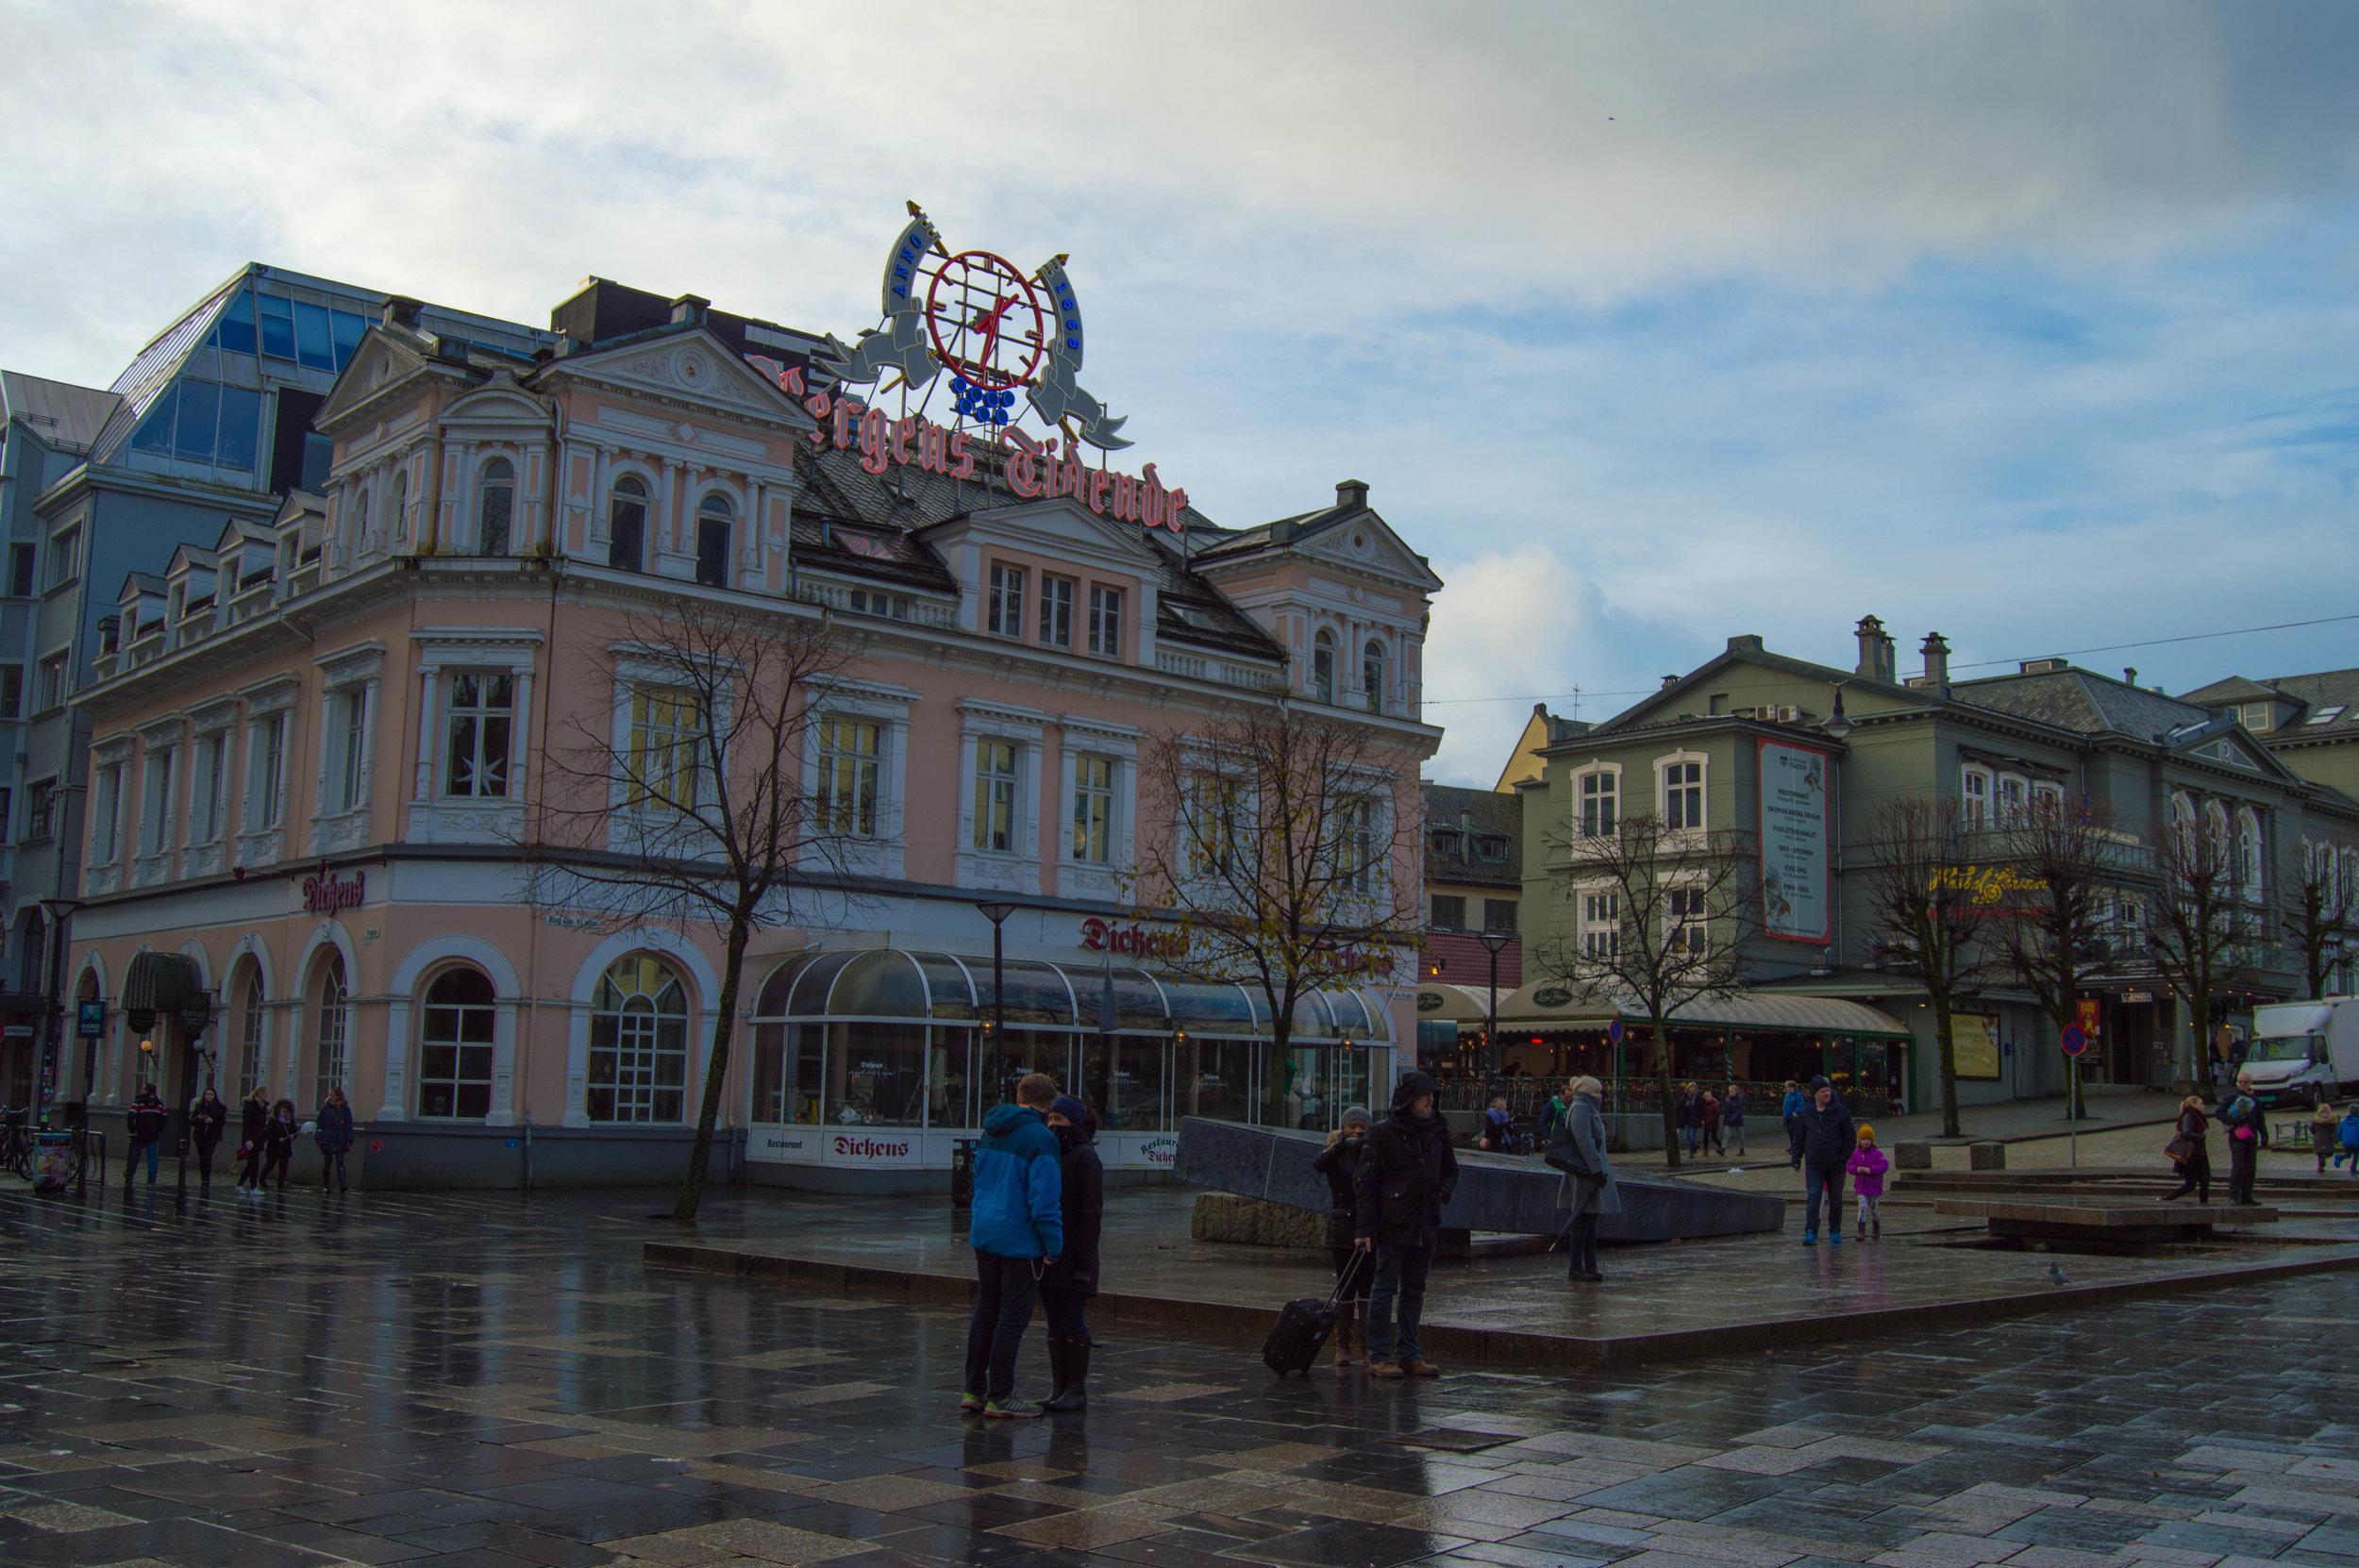 Bergens Tidende building